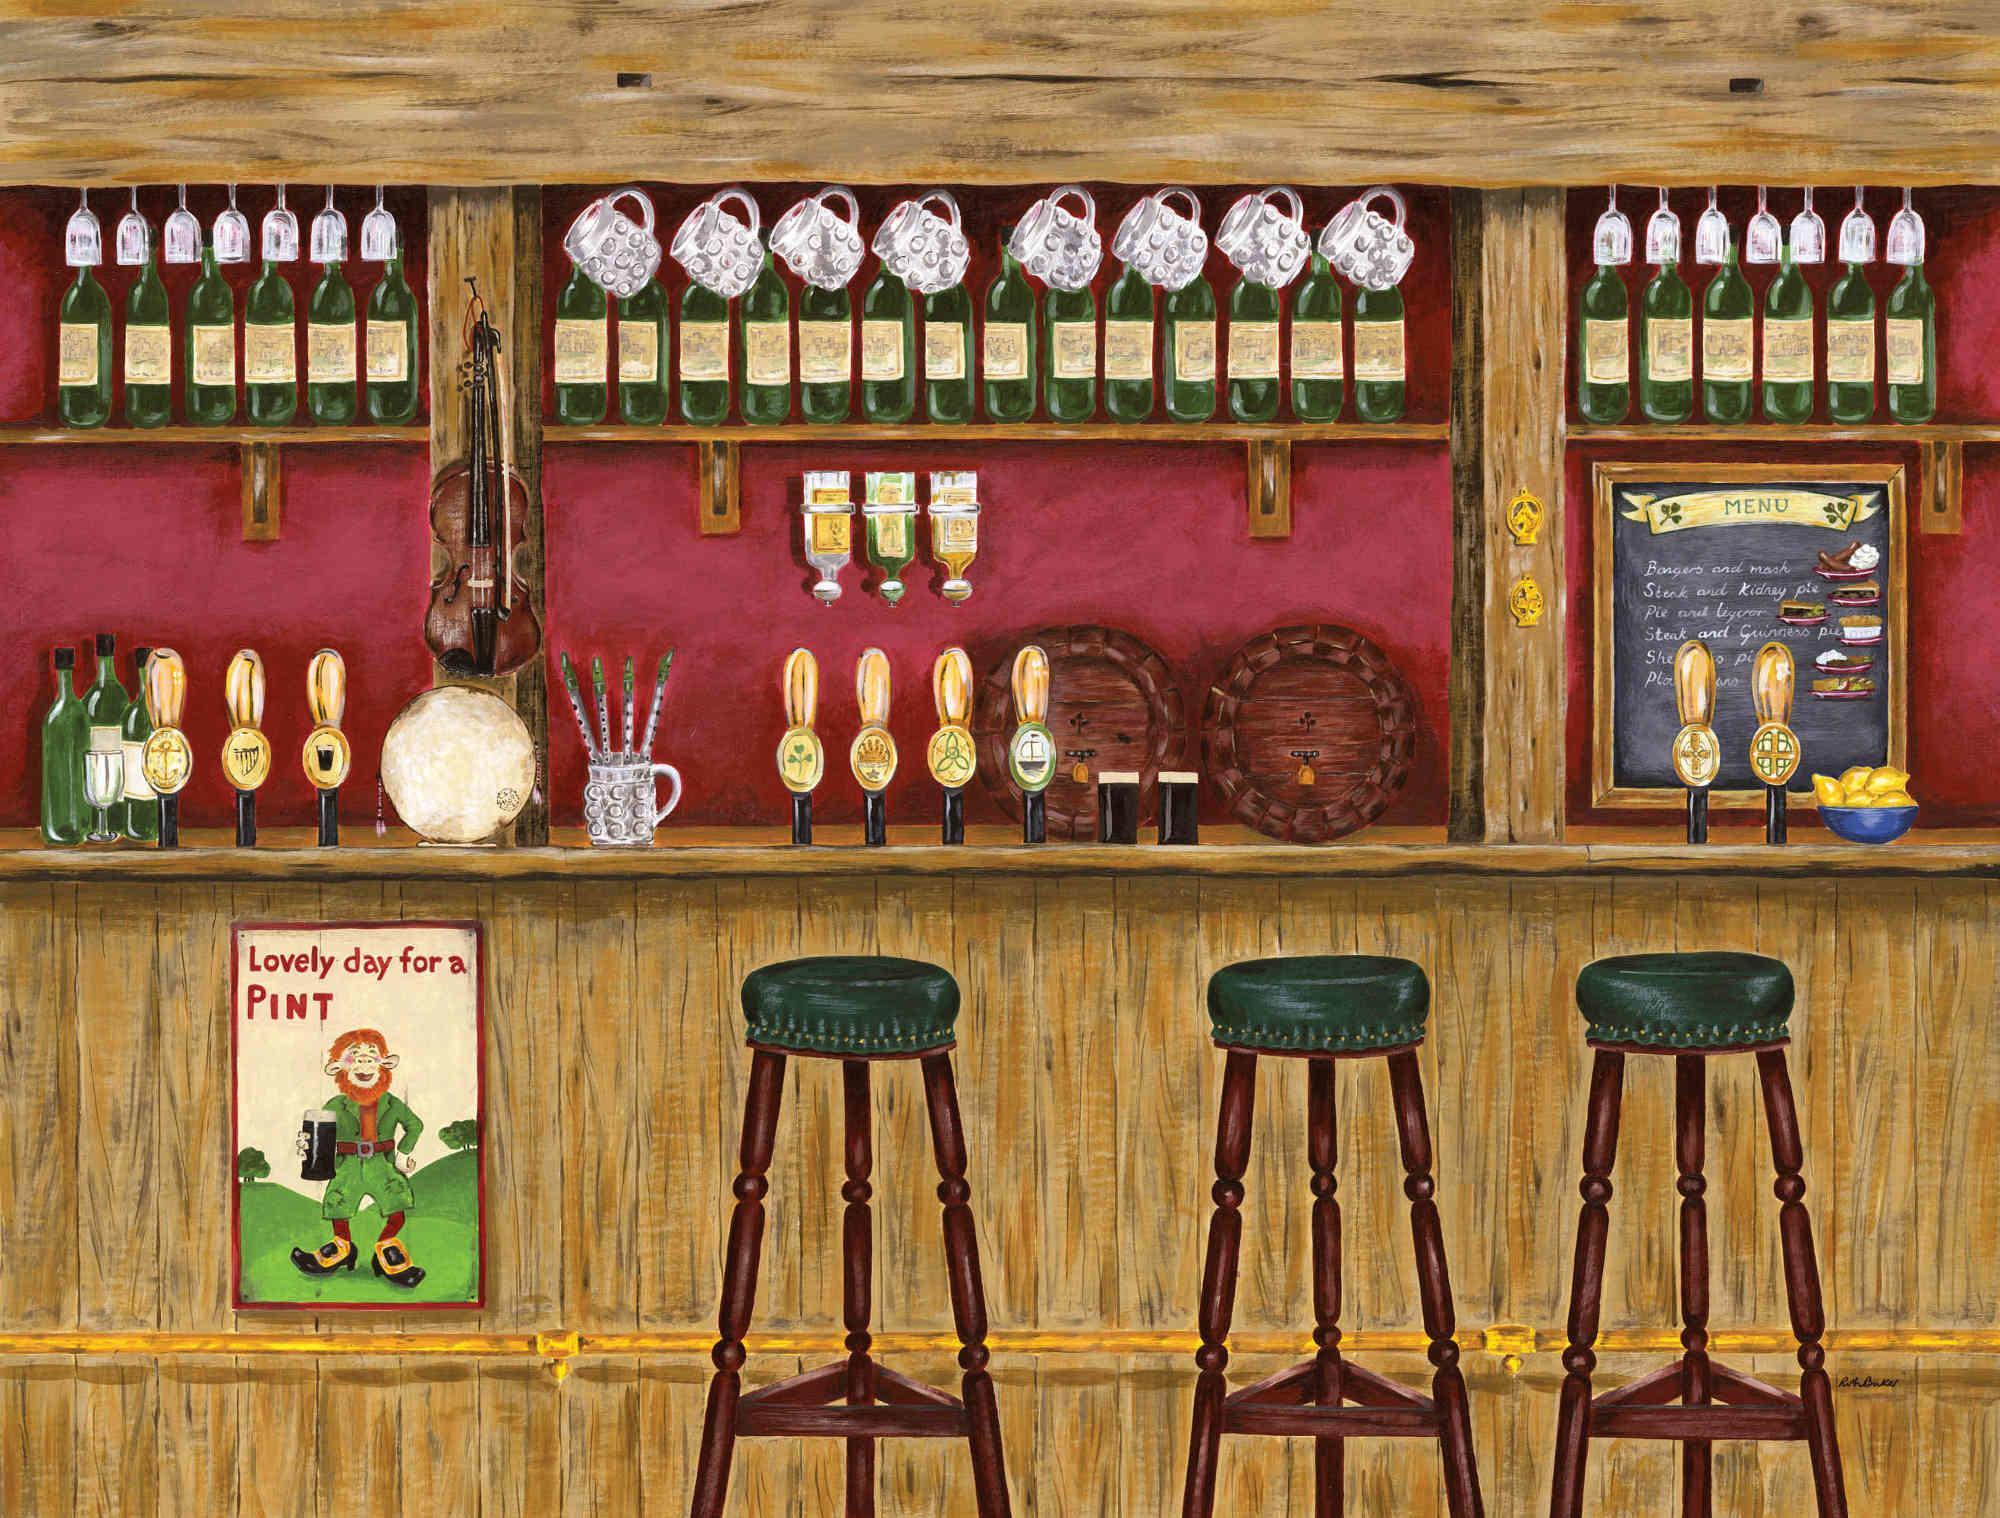 Pub Wallpaper 57 Images: Irish Pub Wallpaper (68+ Images